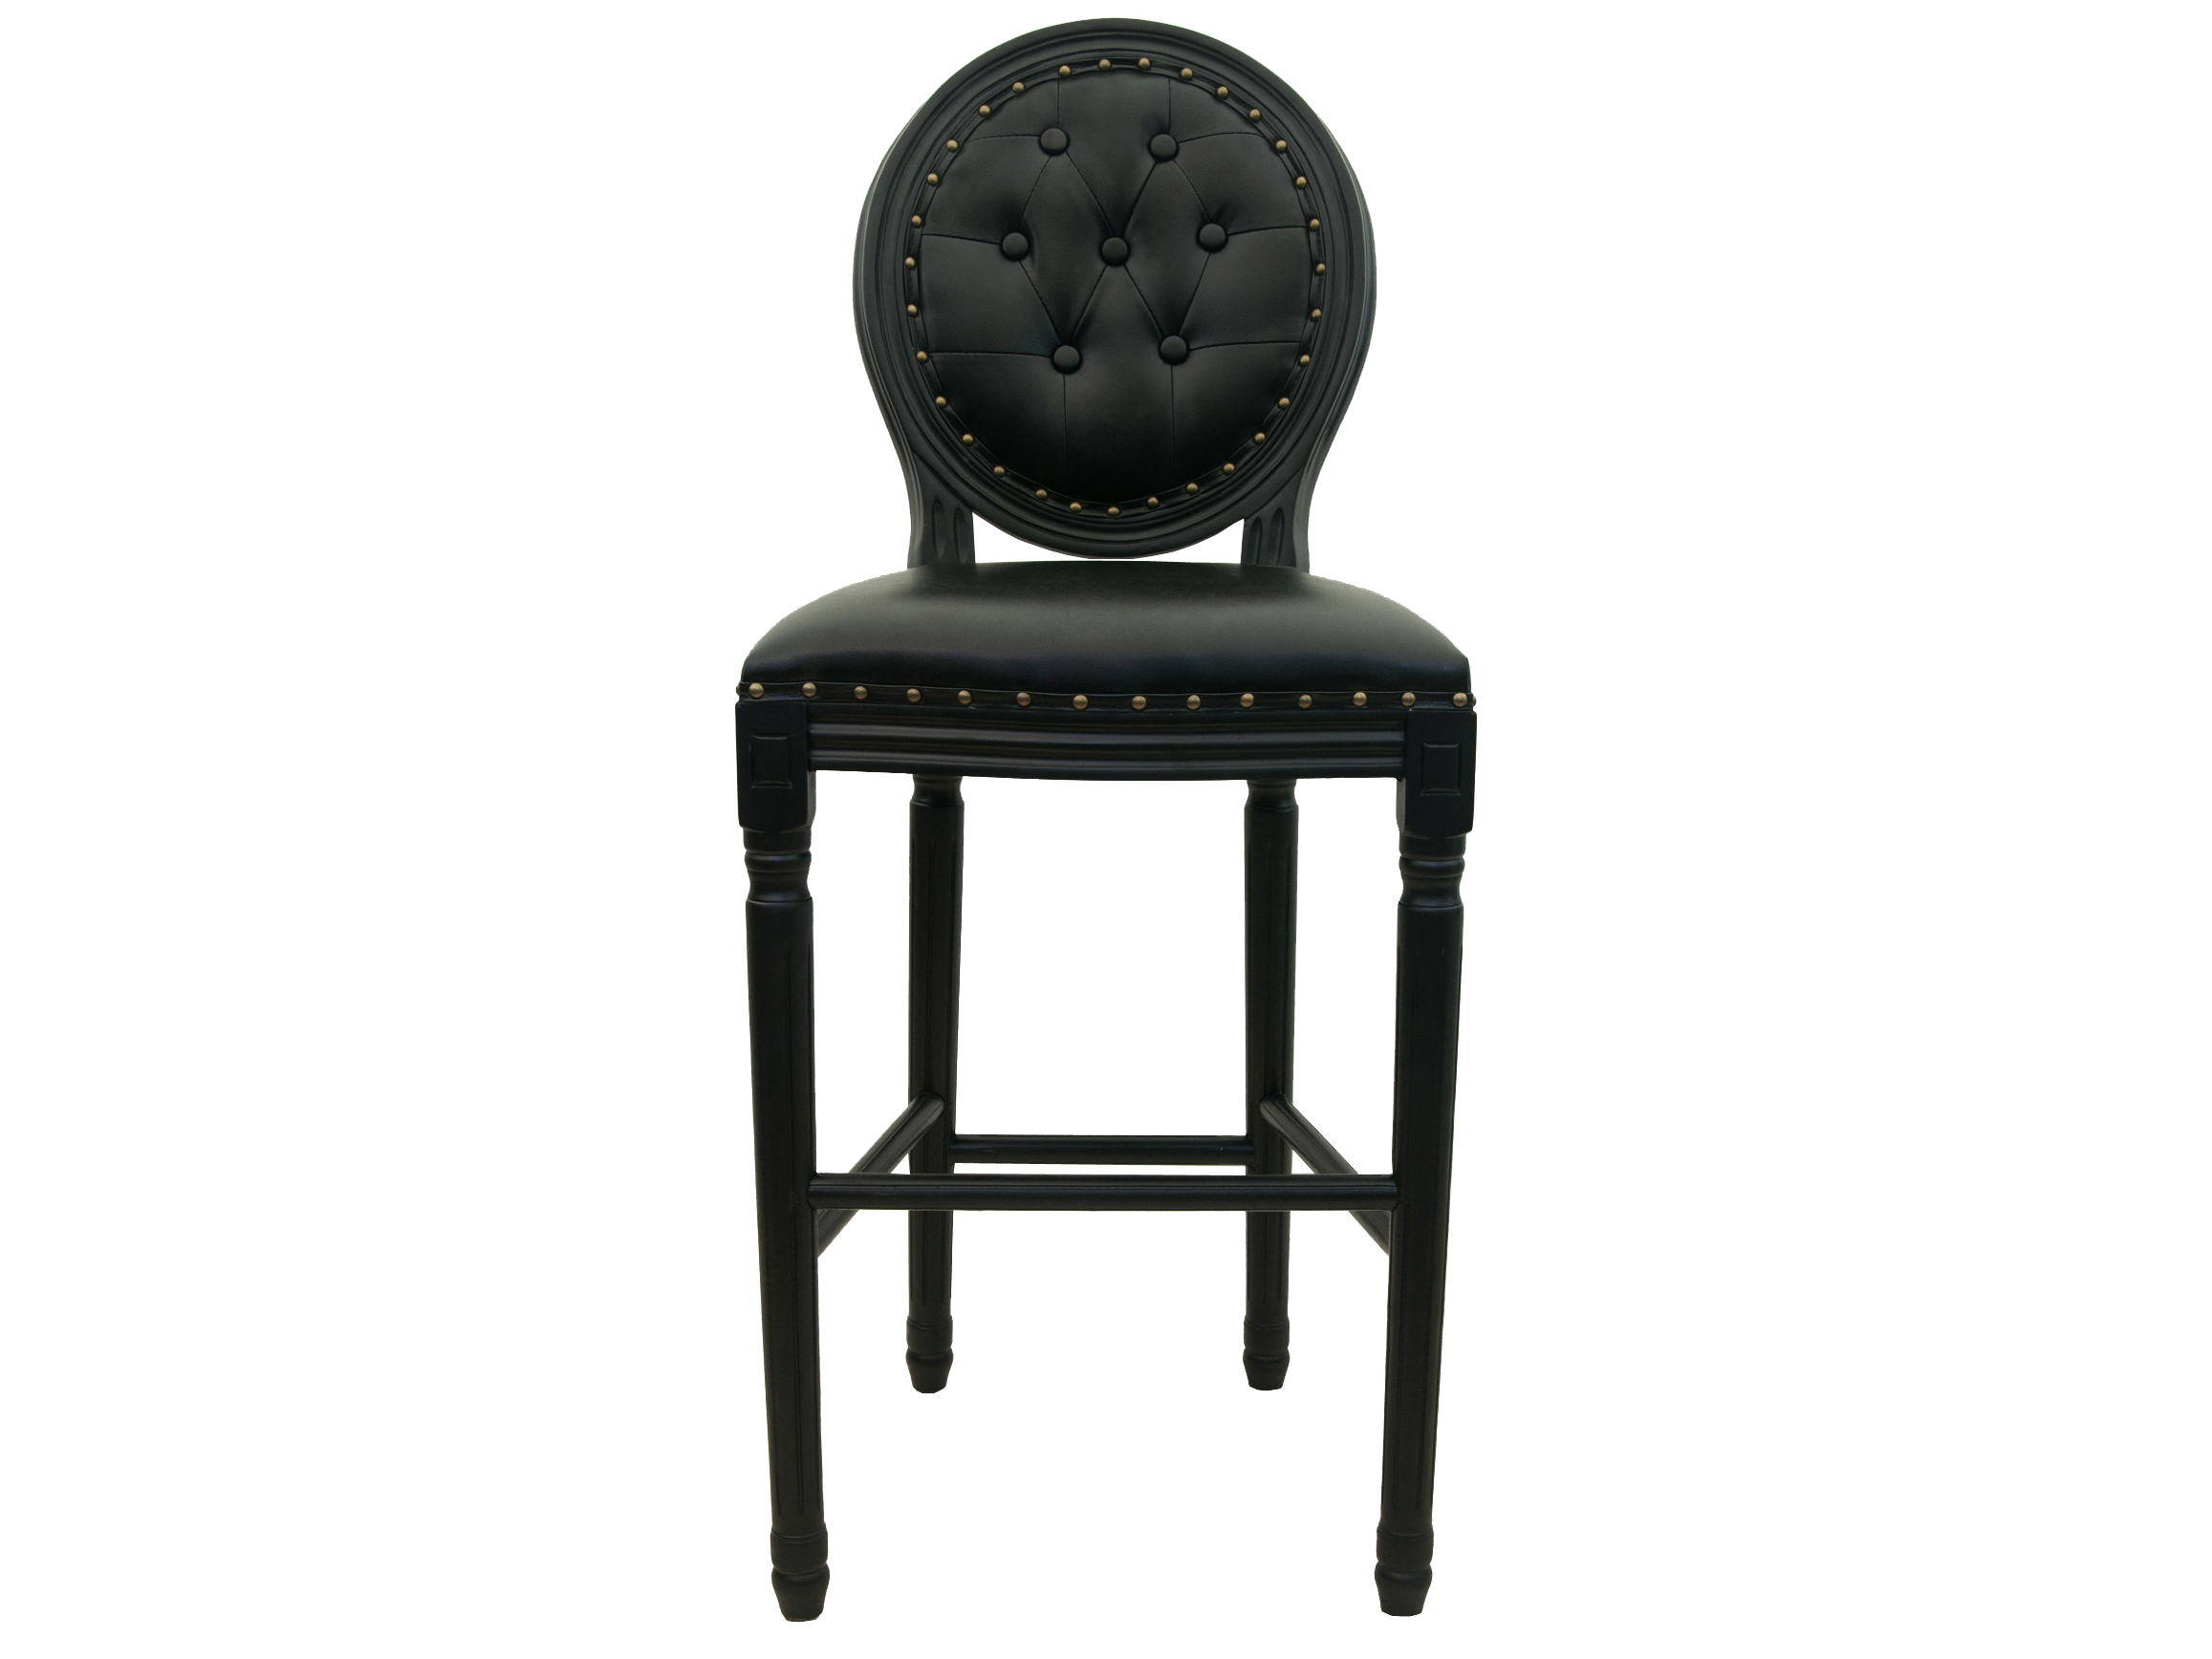 Стул FilonБарные стулья<br>&amp;lt;div&amp;gt;Высокий барный стул Filon выполнен из экологически чистого массива древесины высокого качества. Обивка стула выполнена из натуральной структурированной кожи. Этот стильный стул украсит не только интерьер внутри дома, но и отлично подойдет для кафе, баров и ресторанов.&amp;amp;nbsp;&amp;lt;/div&amp;gt;&amp;lt;div&amp;gt;&amp;lt;br&amp;gt;&amp;lt;/div&amp;gt;&amp;lt;div&amp;gt;Материал: Структурированная кожа, Массив.&amp;lt;/div&amp;gt;<br><br>Material: Кожа<br>Ширина см: 50.0<br>Высота см: 120.0<br>Глубина см: 55.0